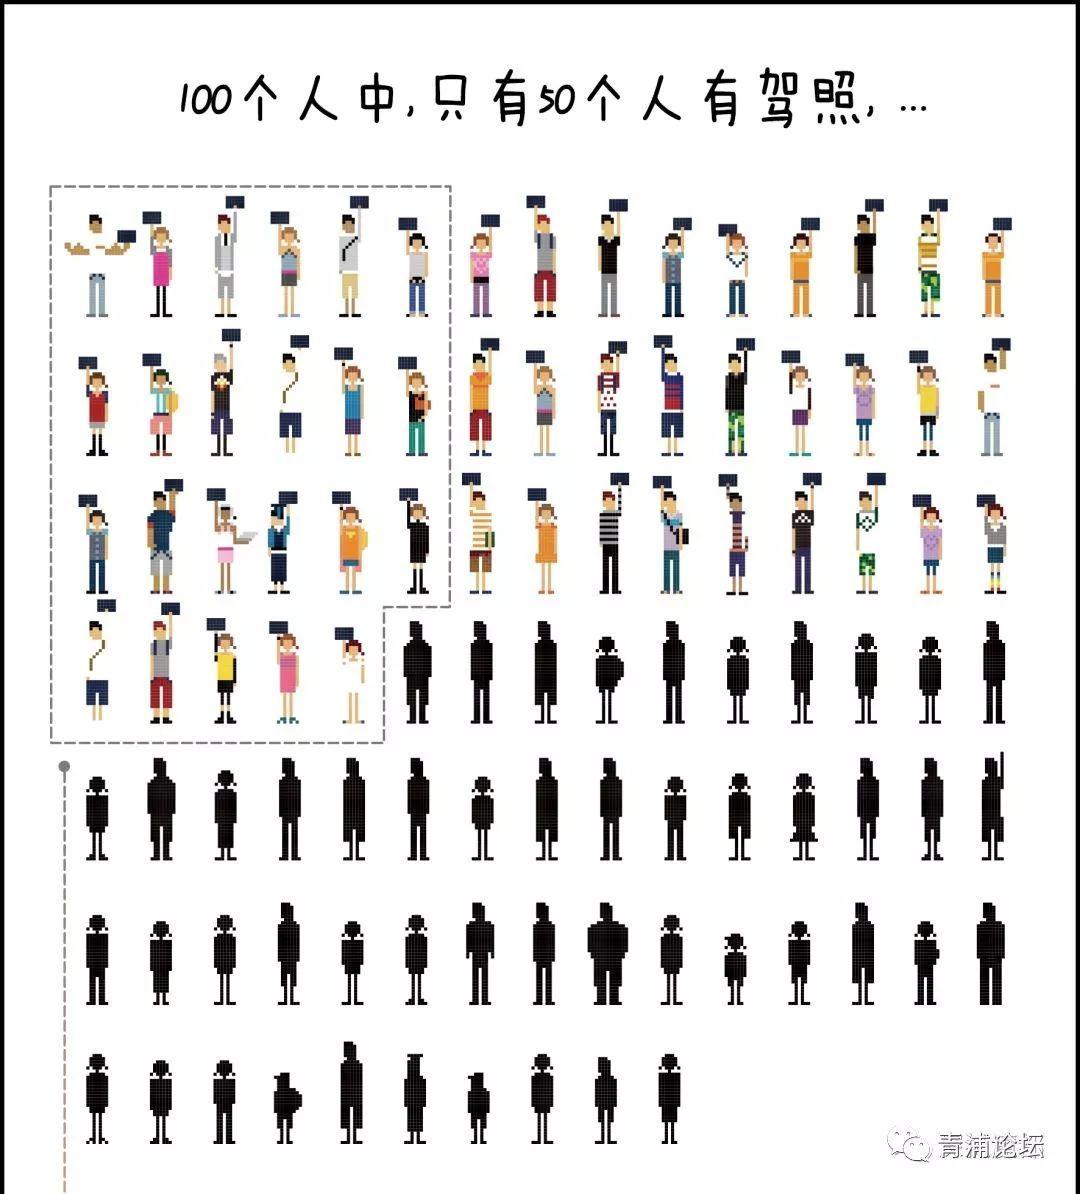 每100万常住人口至少家的标准_常住人口登记表